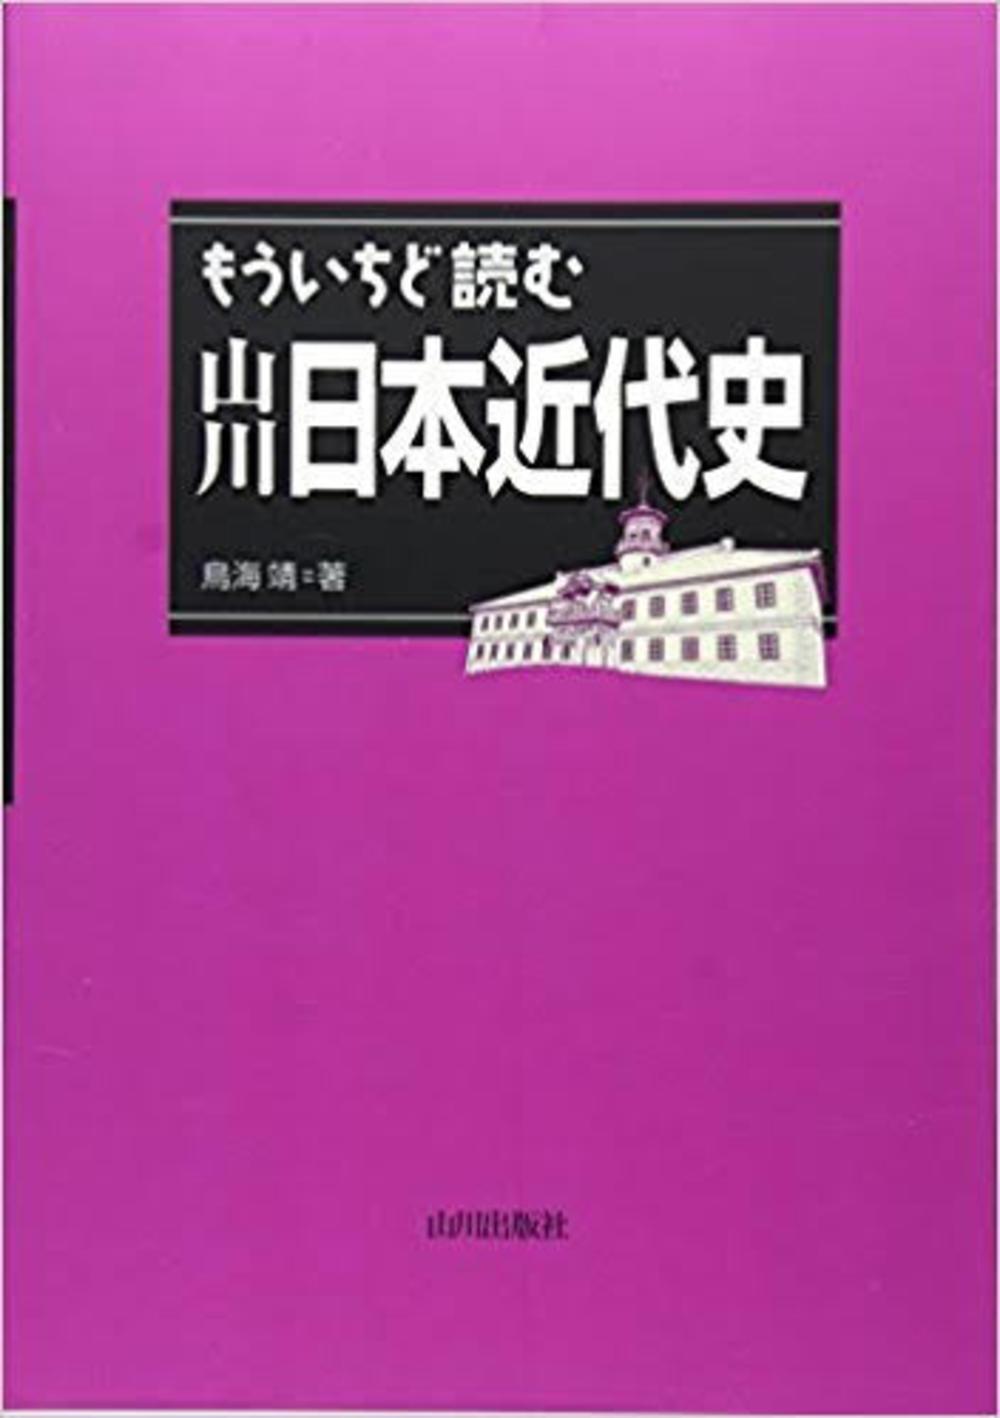 9/25 日本を語ろう会